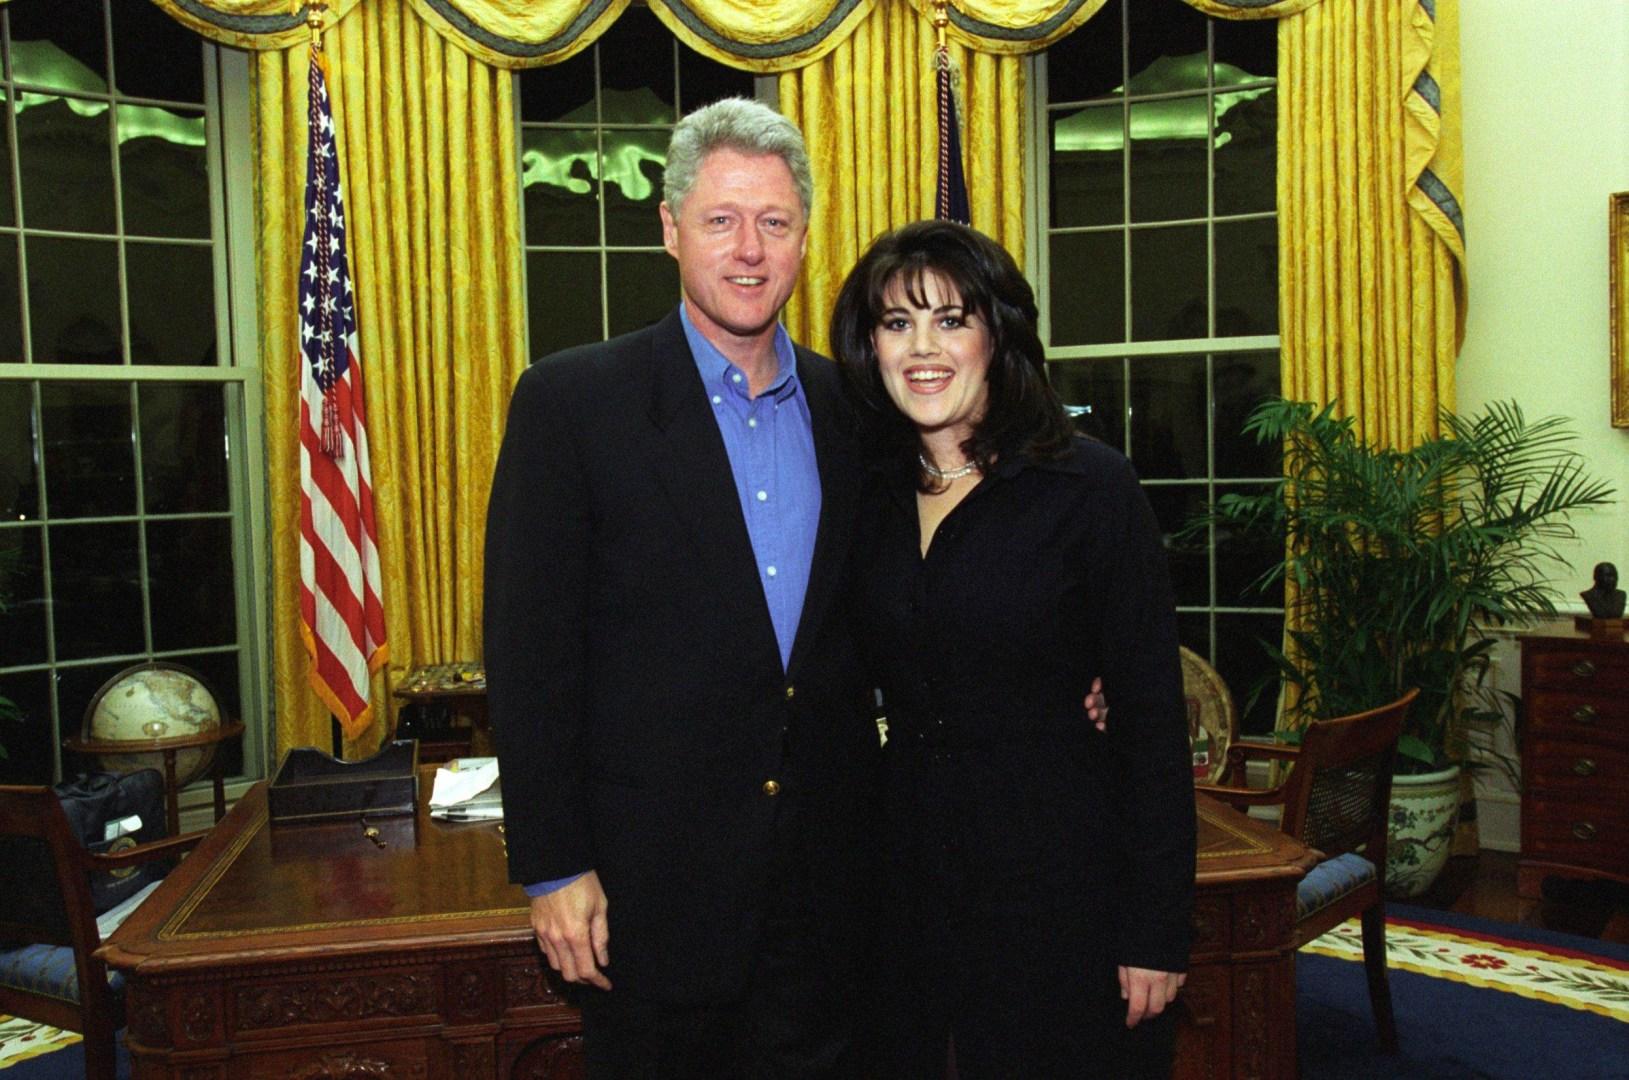 Le jour où Monica Lewinsky a voté pour Hillary Clinton aux élections présidentielles